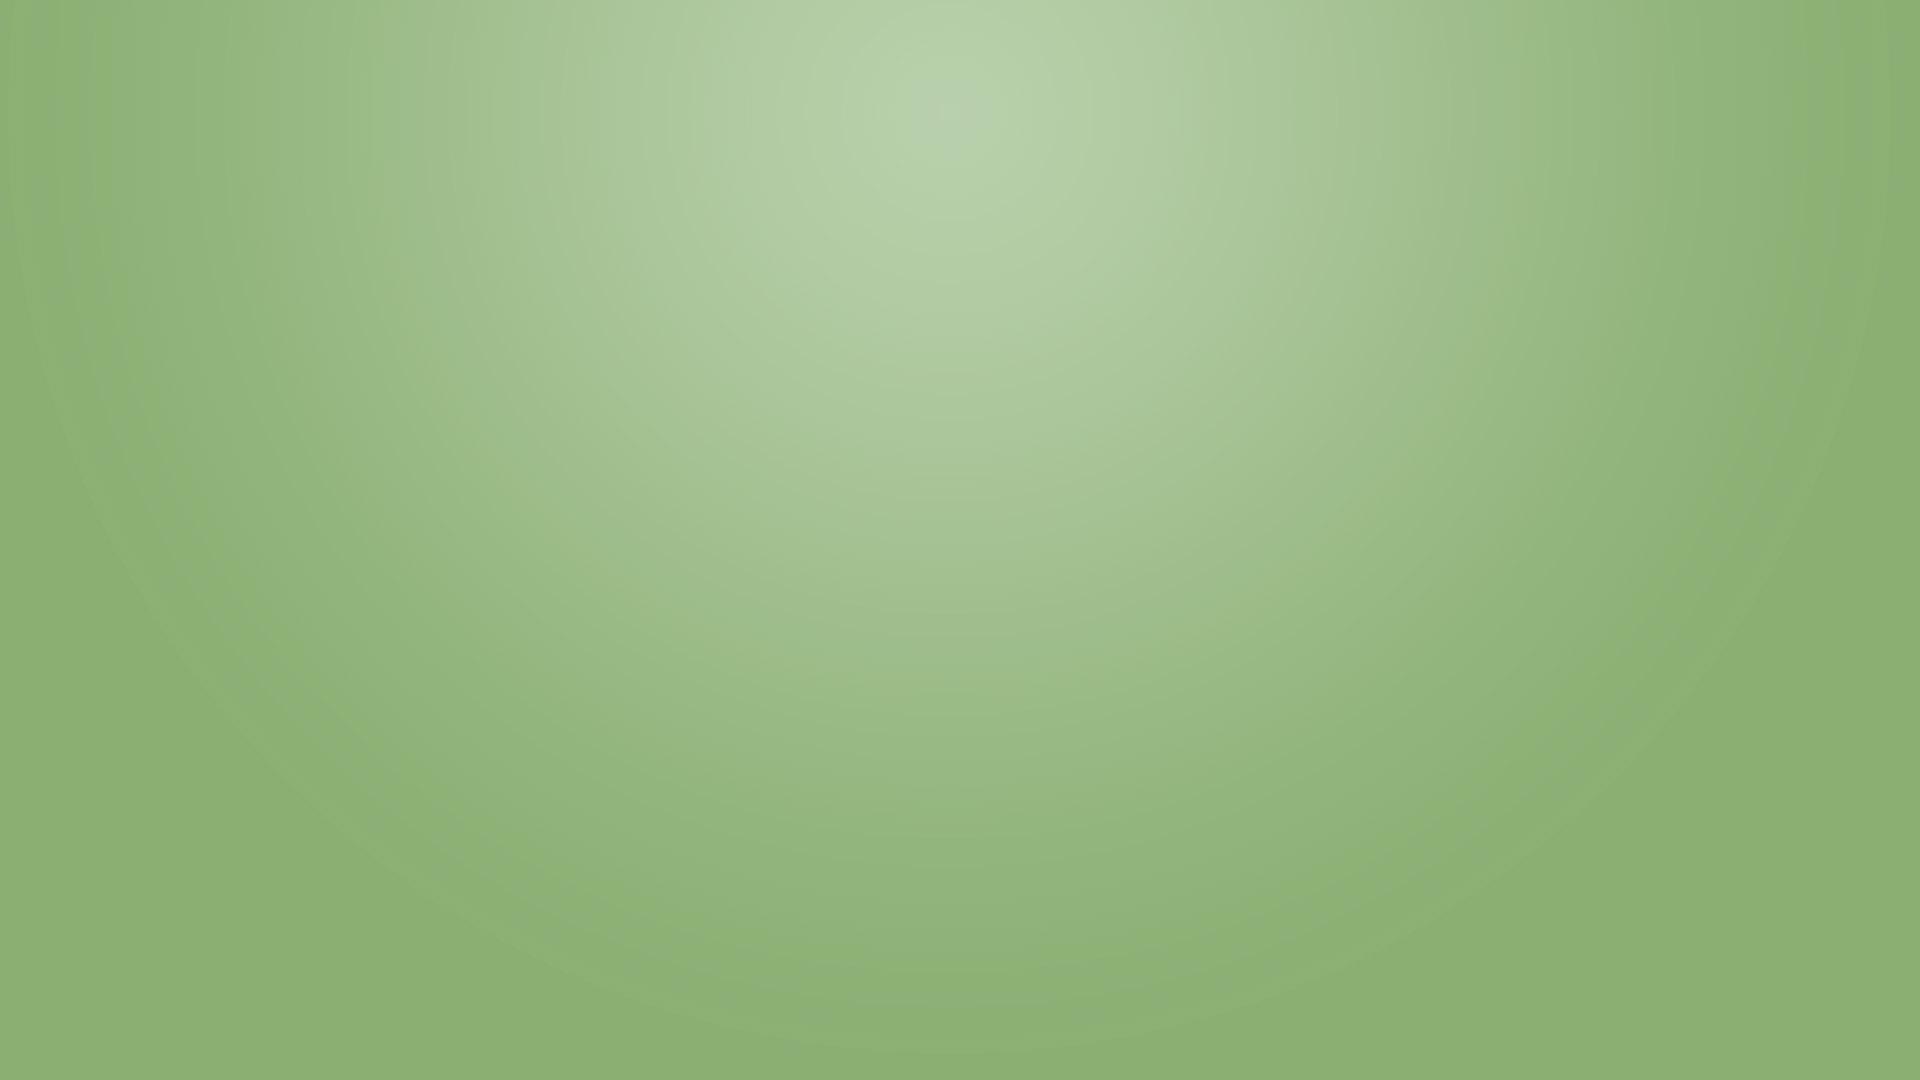 greenbg.jpg